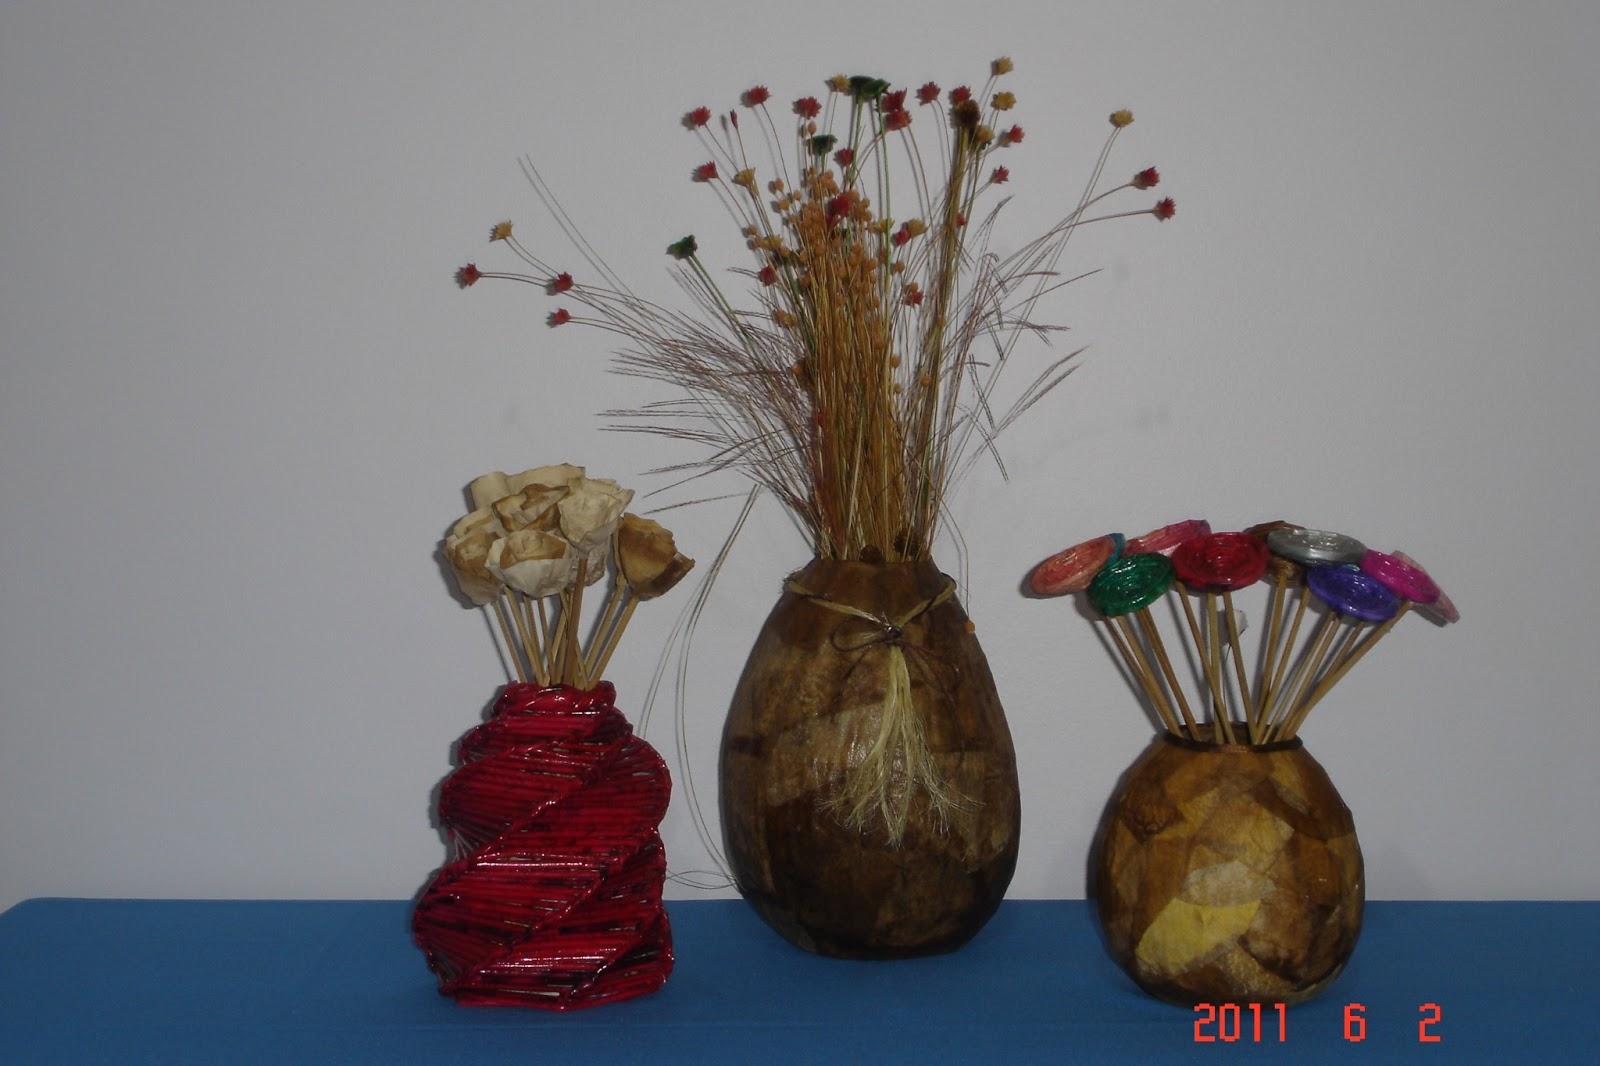 Adesivo Para Levantar Mama Onde Comprar ~ ReSignificArt Artesanato Reciclável Vasos (Vasos de